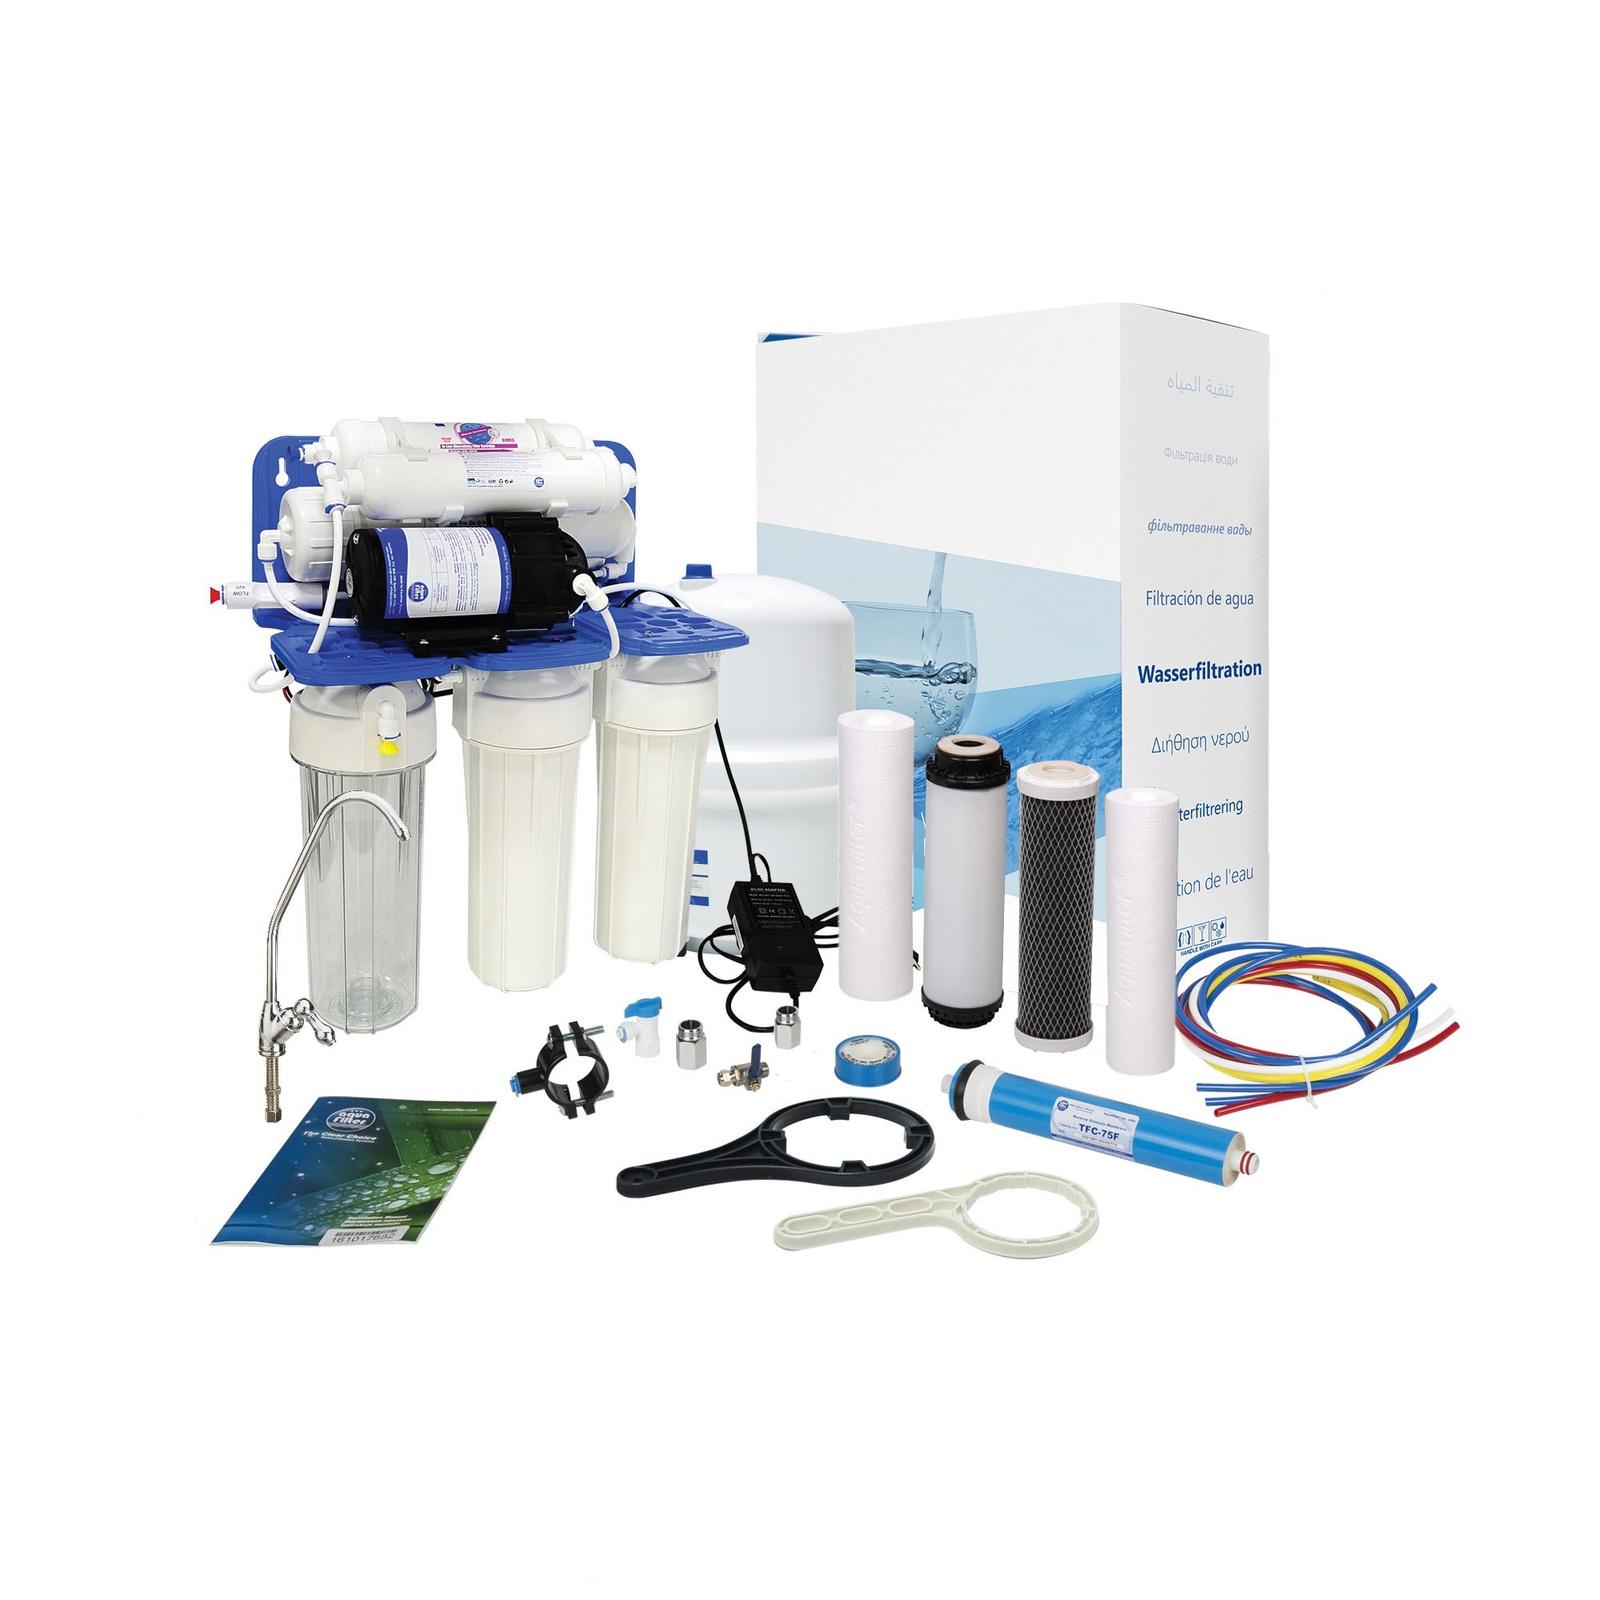 Шестиступенчатая система обратного осмоса с помпой, комплексная очистка, удаление вирусов и бактерий Aquafilter RP65139715, 521